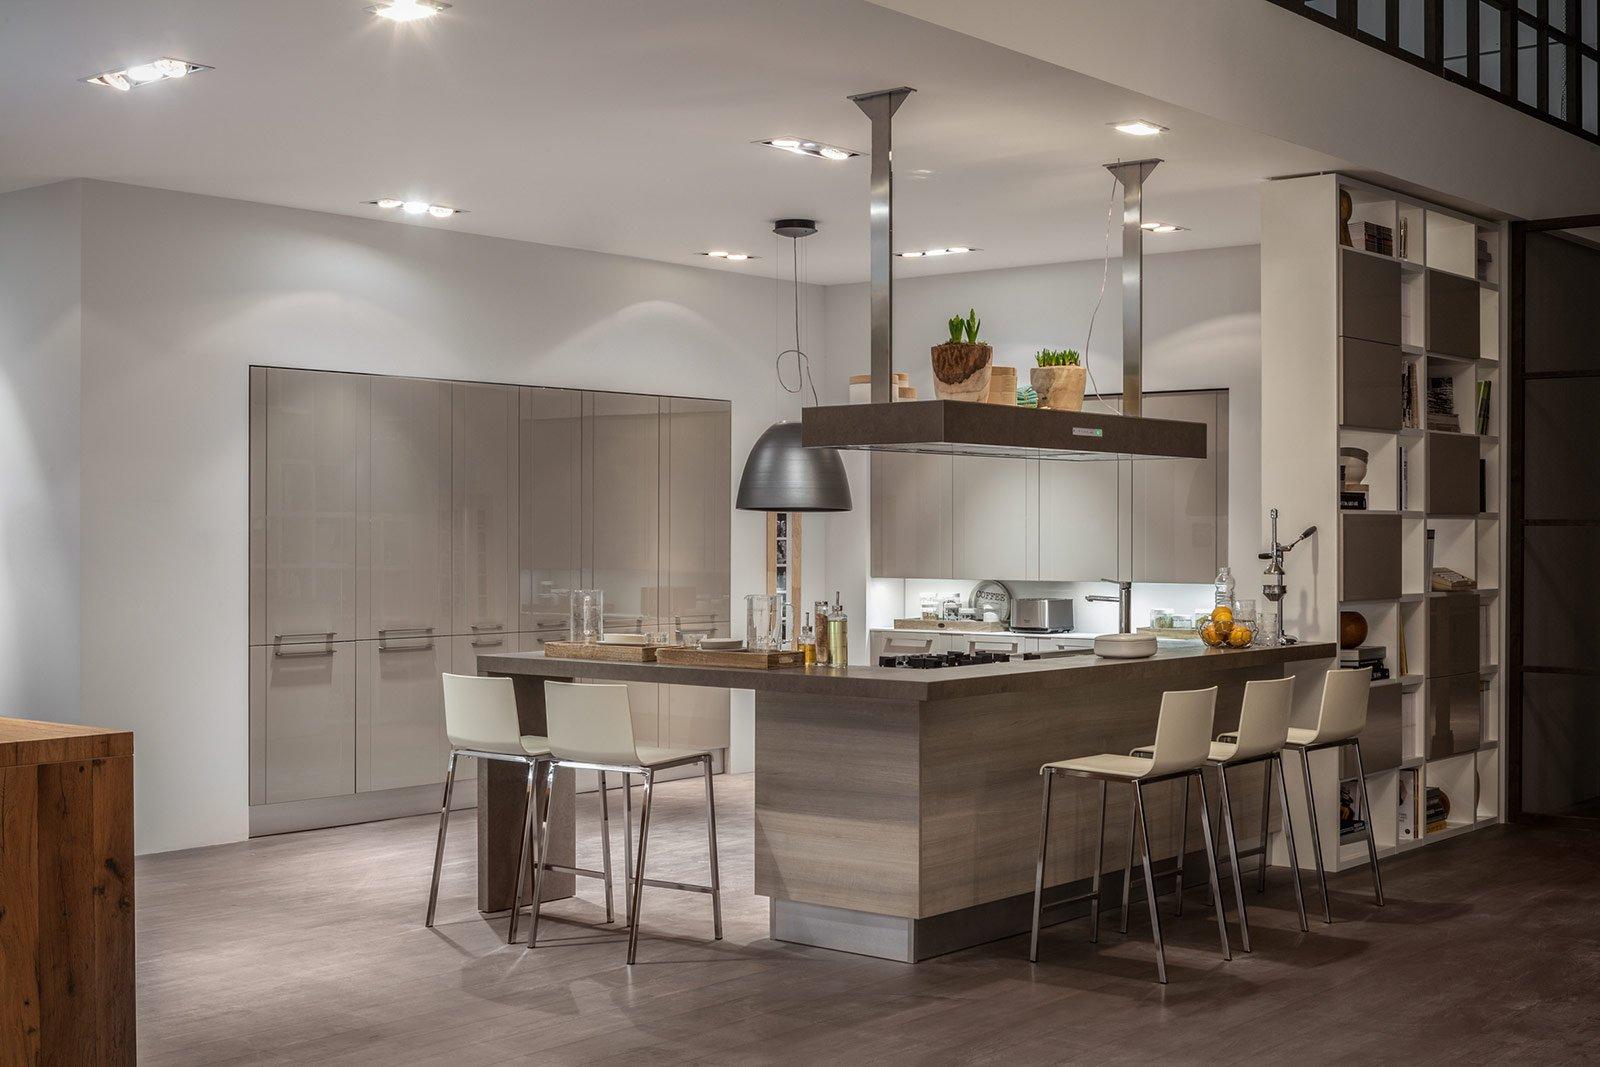 Favorito Come Arredare Cucina Soggiorno Open Space | madgeweb.com idee di  ZA42